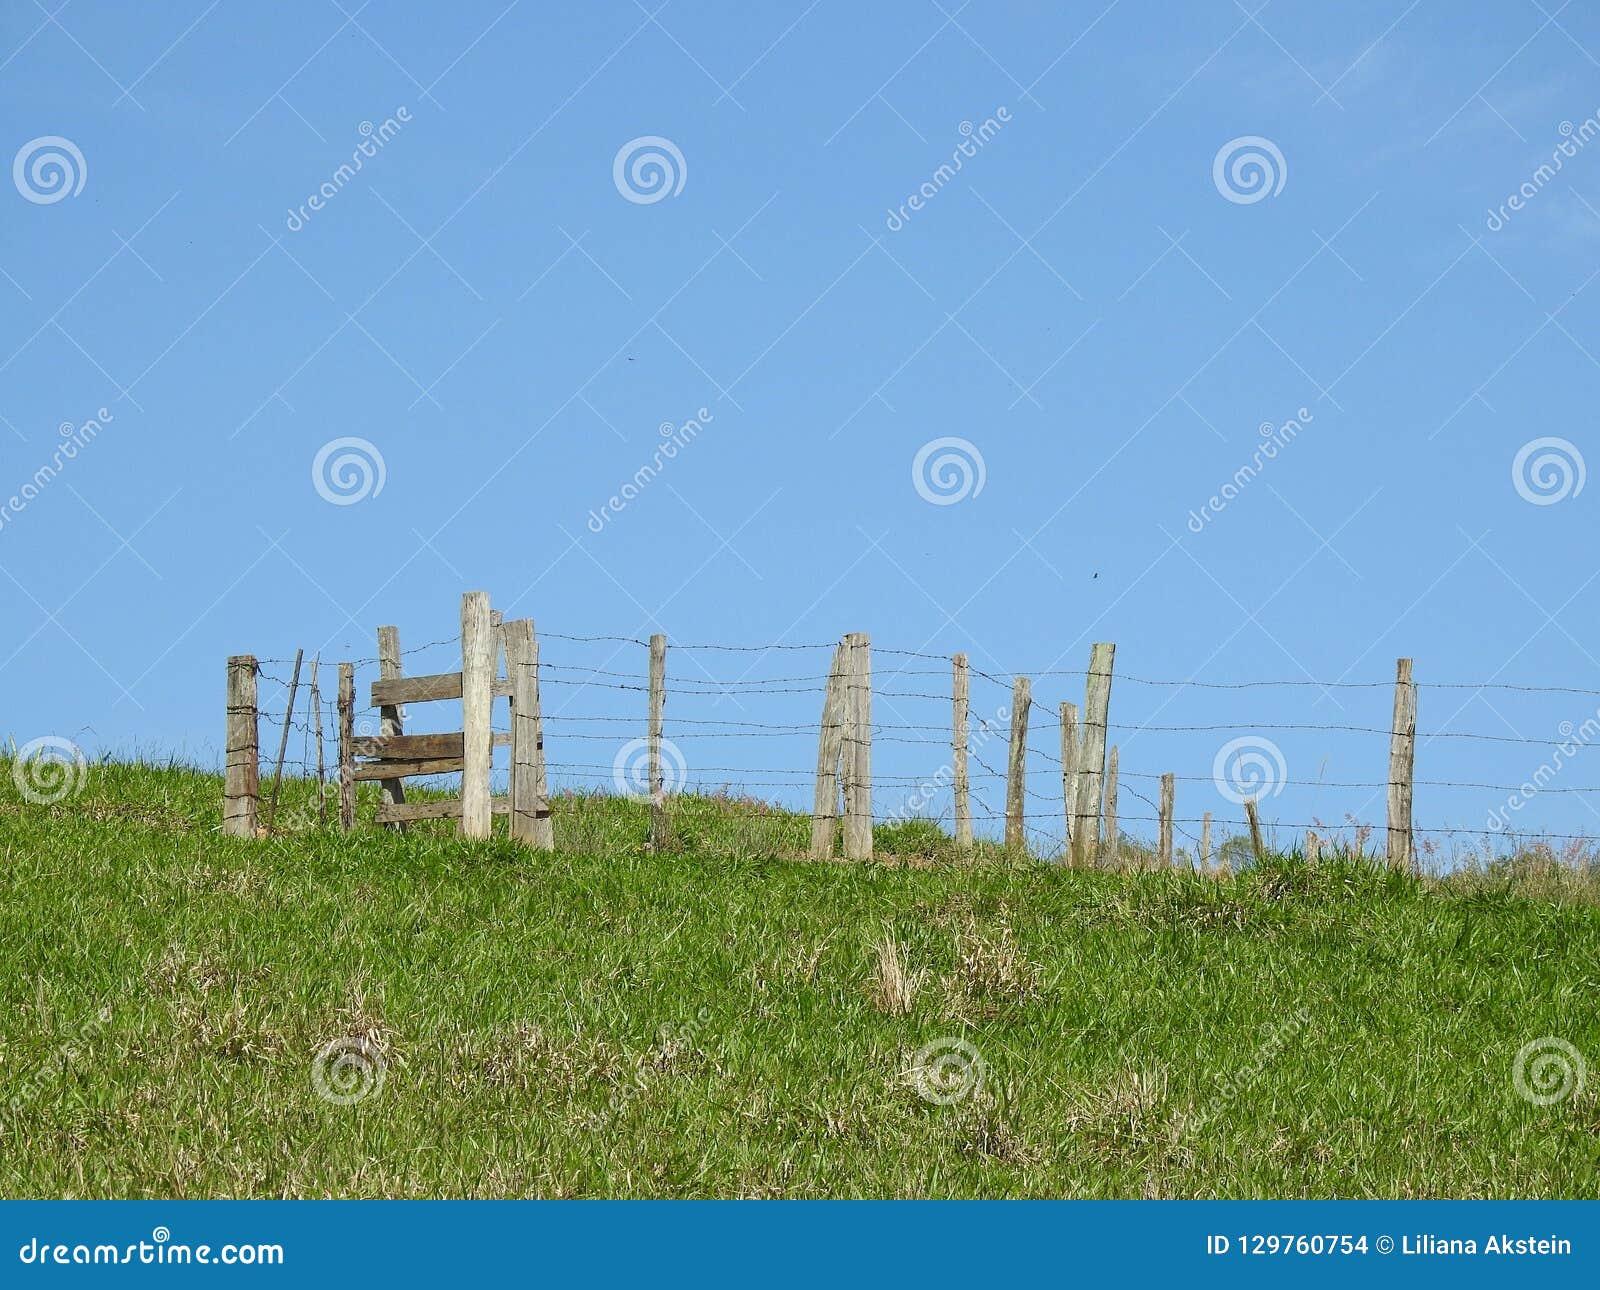 Landelijke scène: een lege veebijlage op een grasrijk gebied